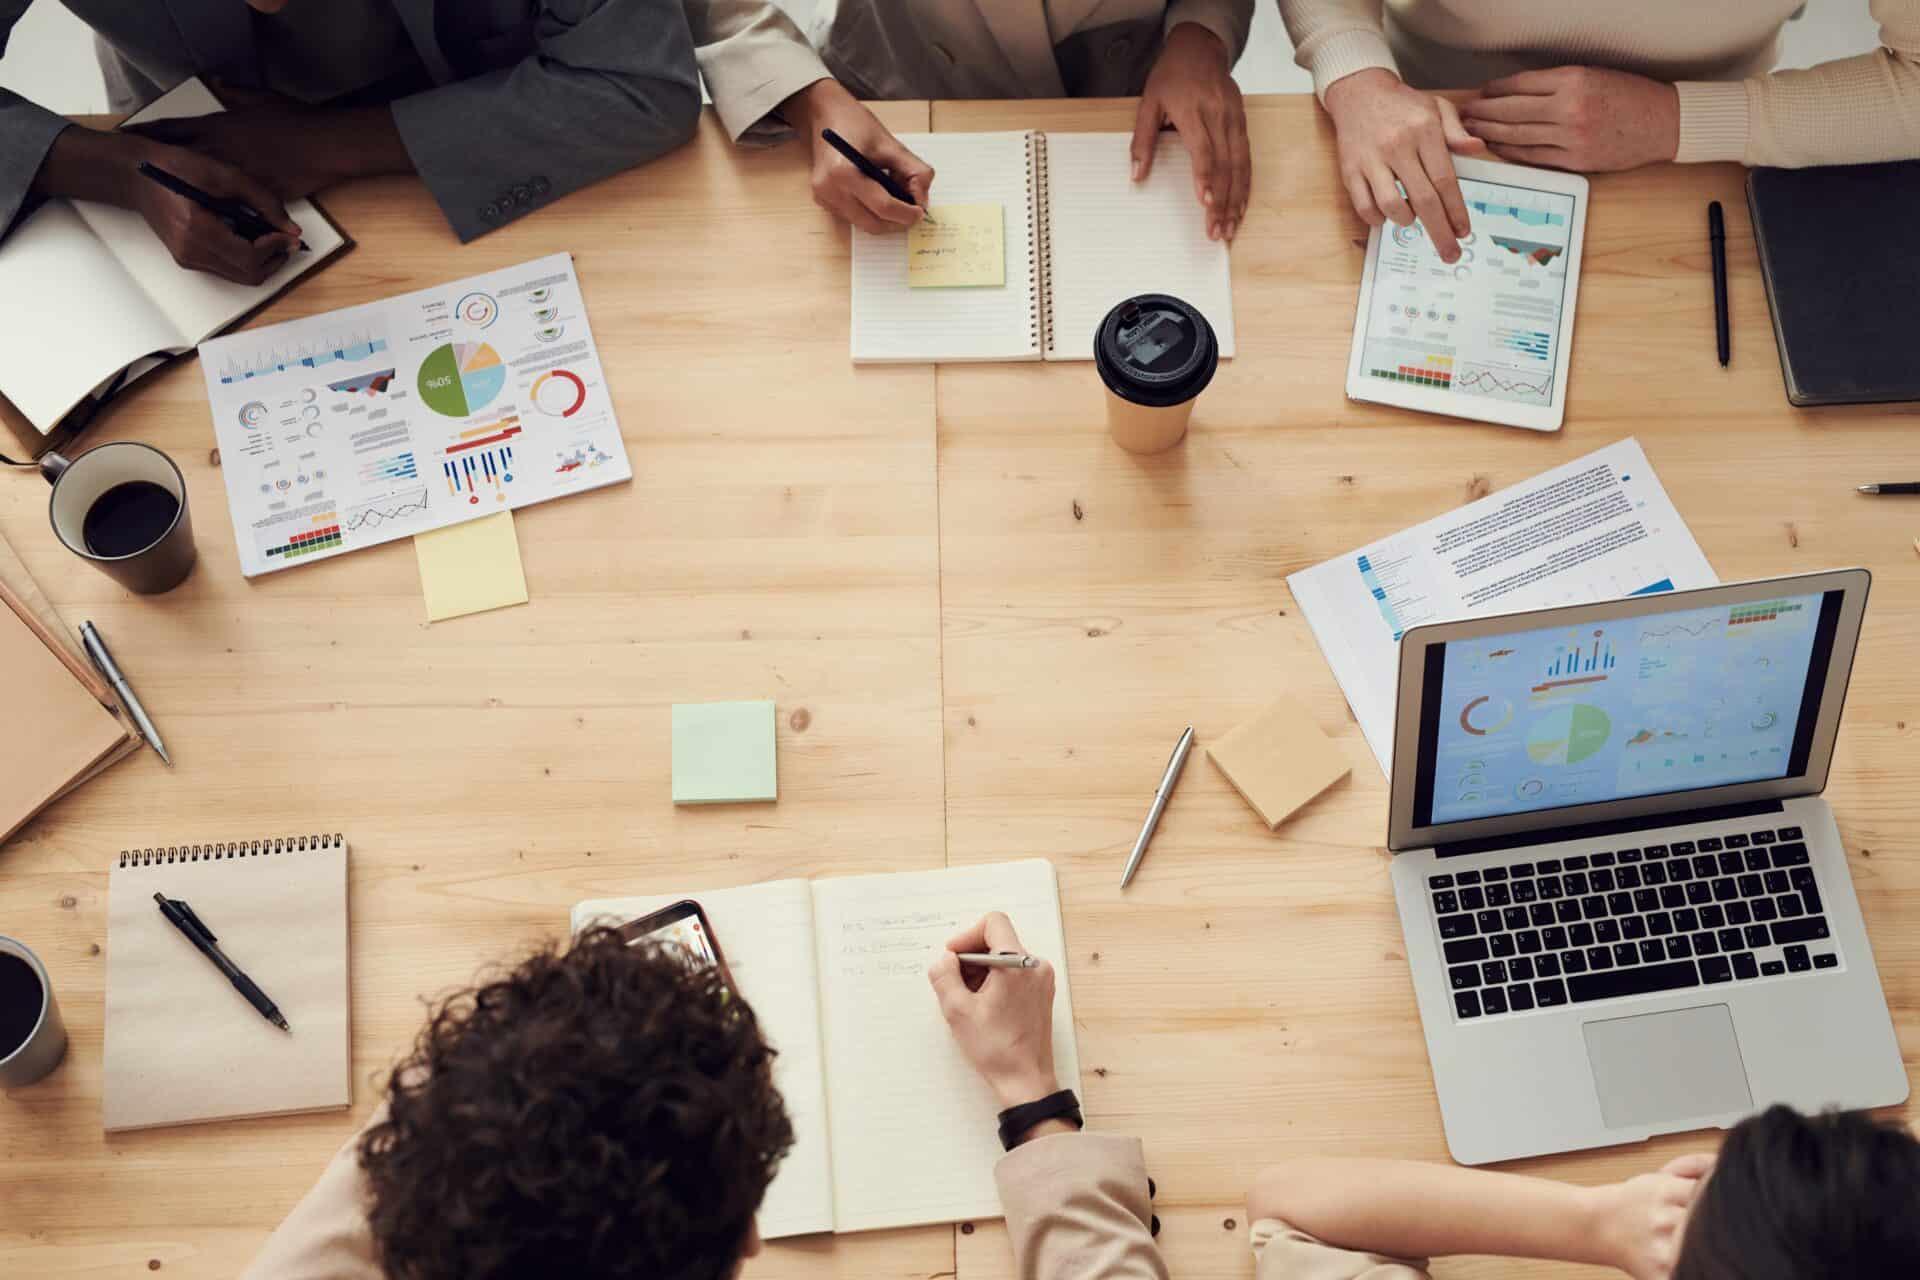 Es gibt viele kostenlose Projektmanagement-Tools, die du als Unternehmer nutzen kannst